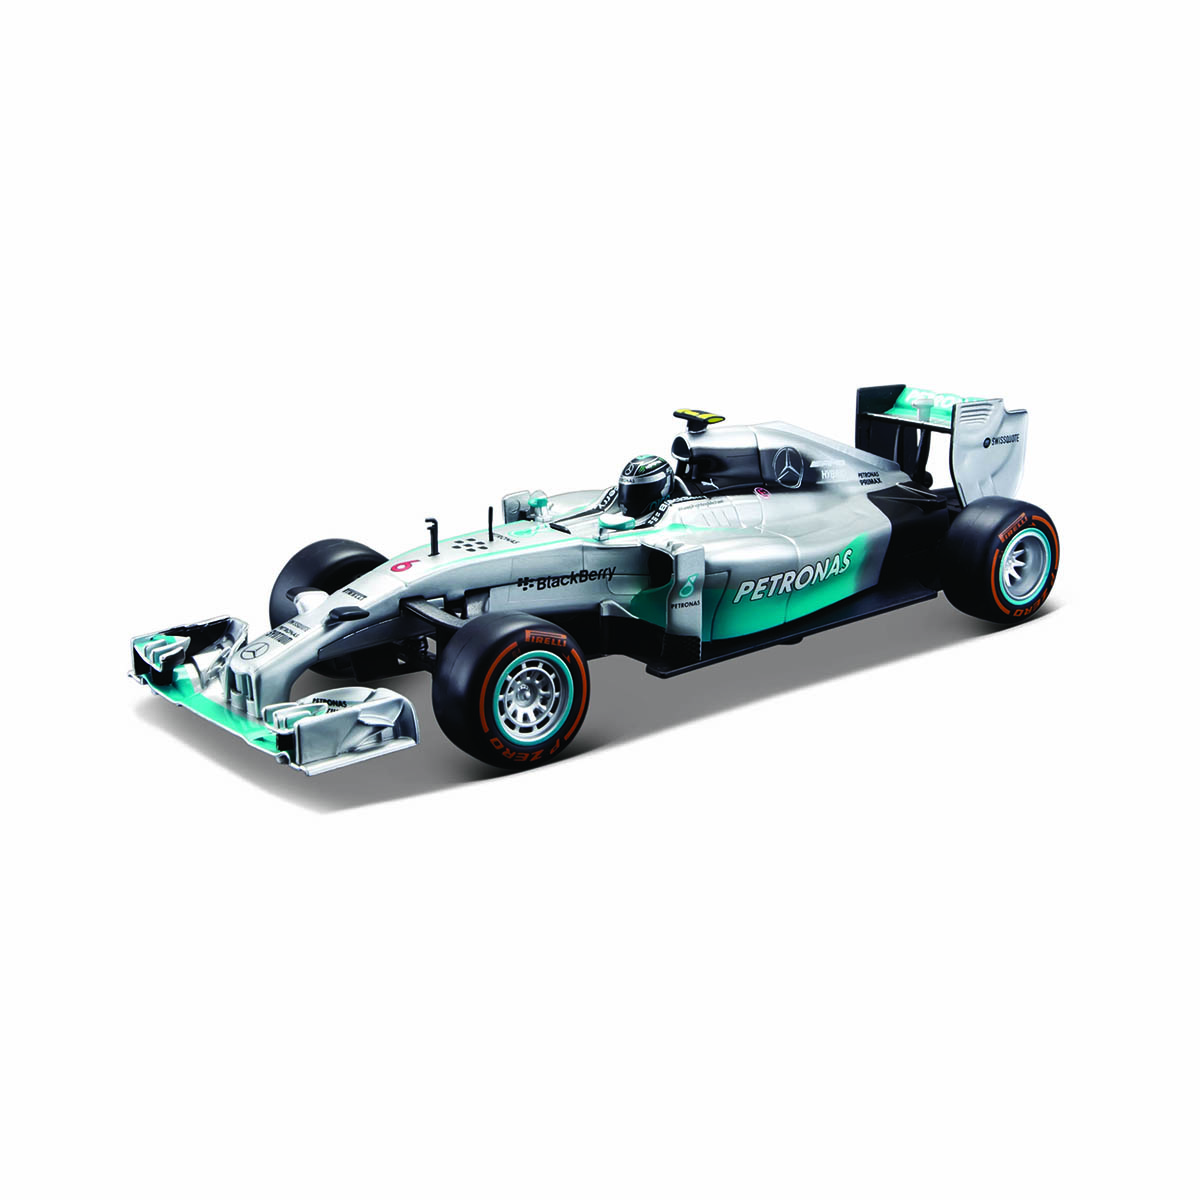 Masinuta cu telecomanda Mercedes F1W05 Maisto, 1:24